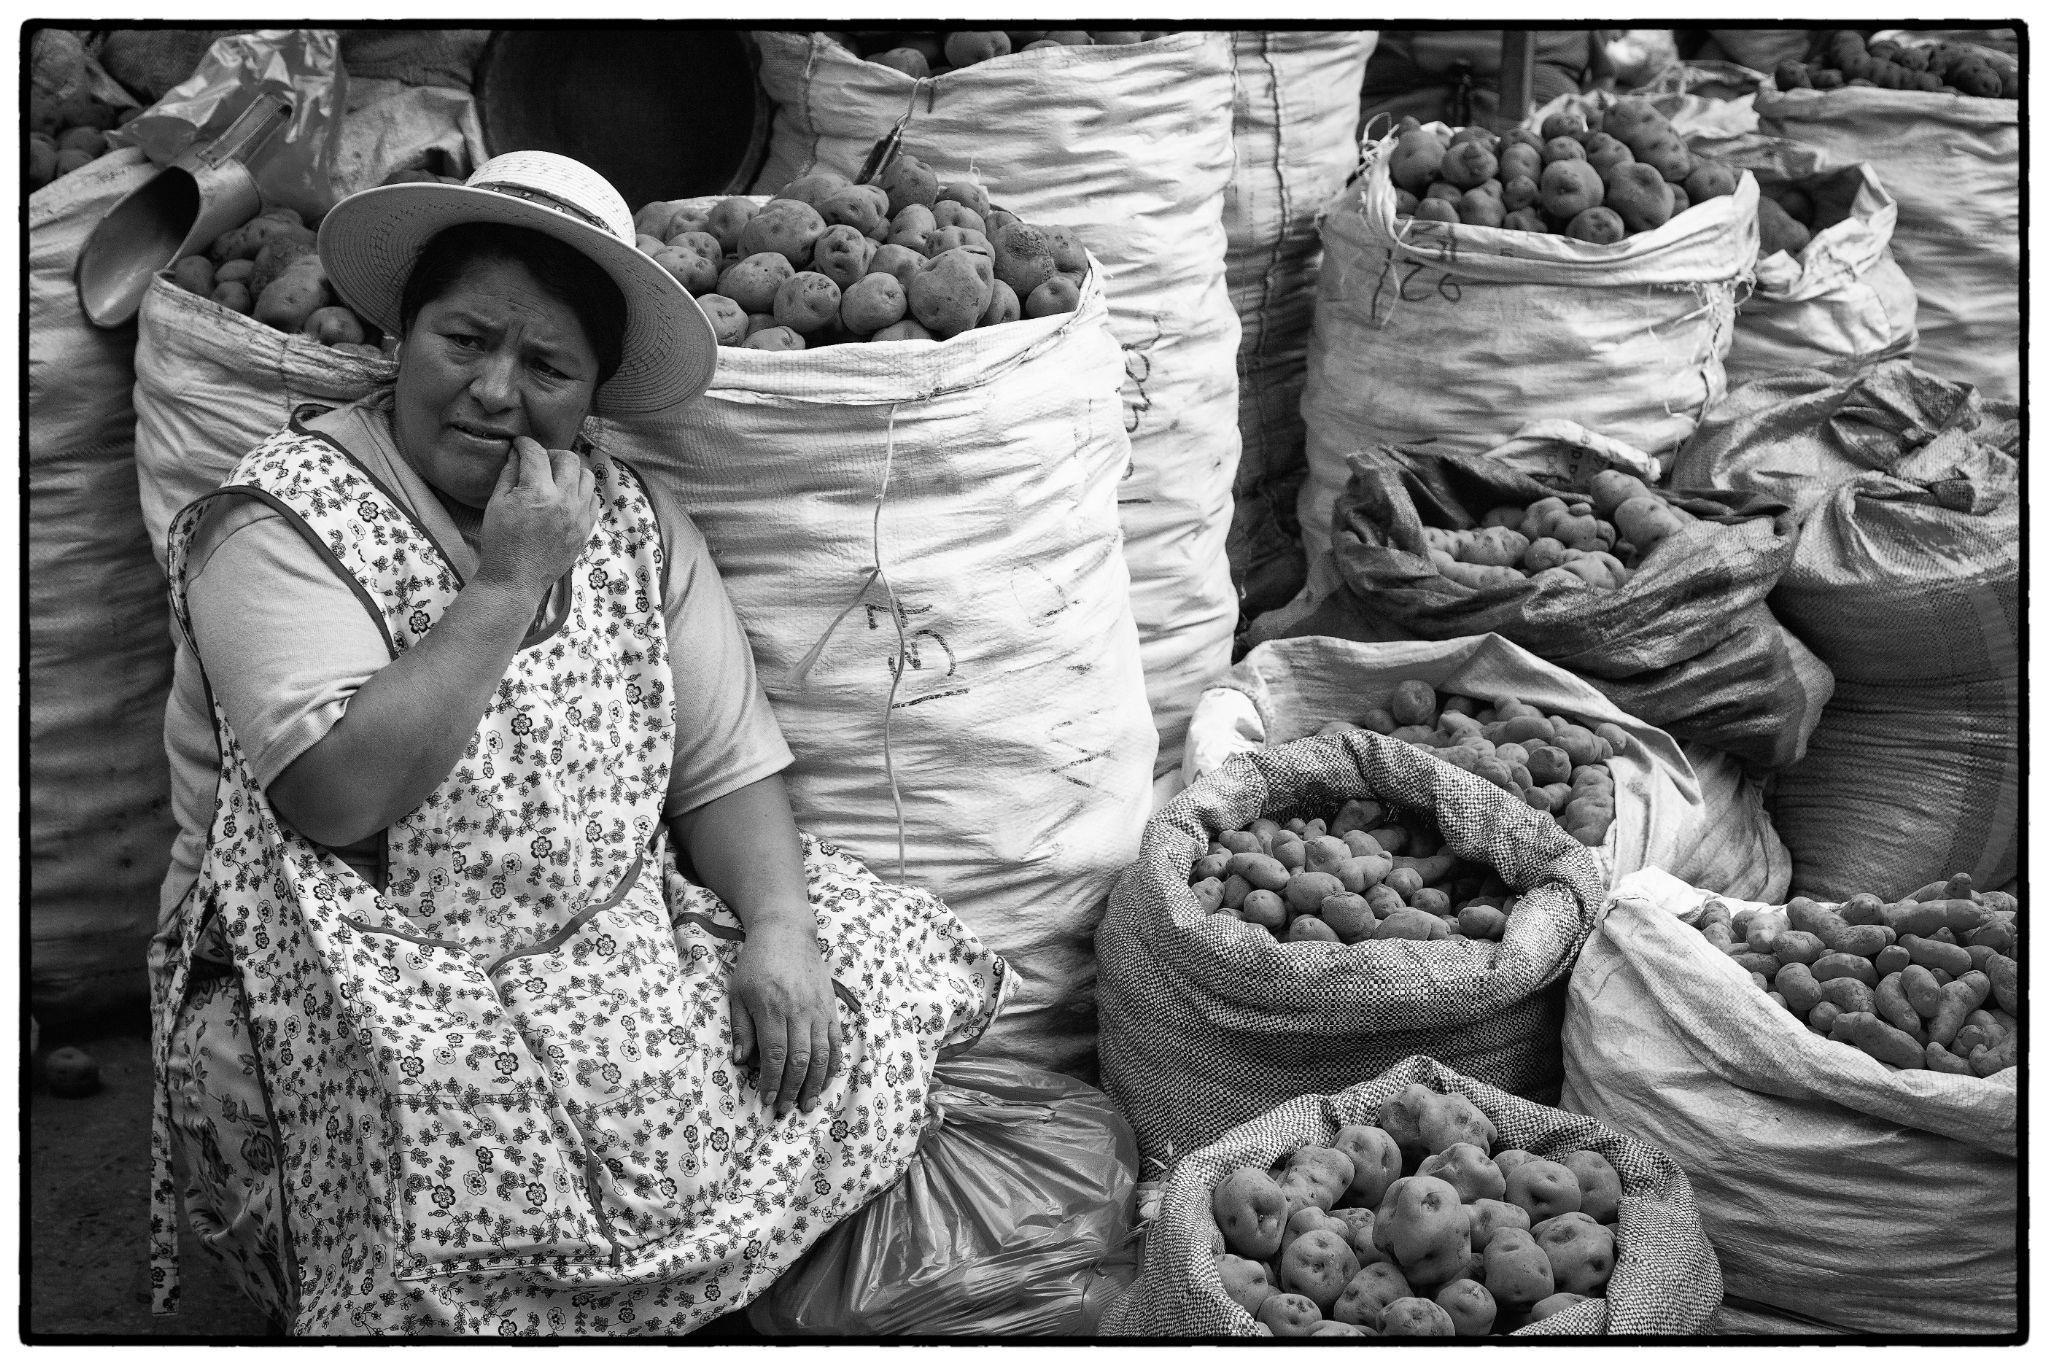 Potato Seller by Stilfoto